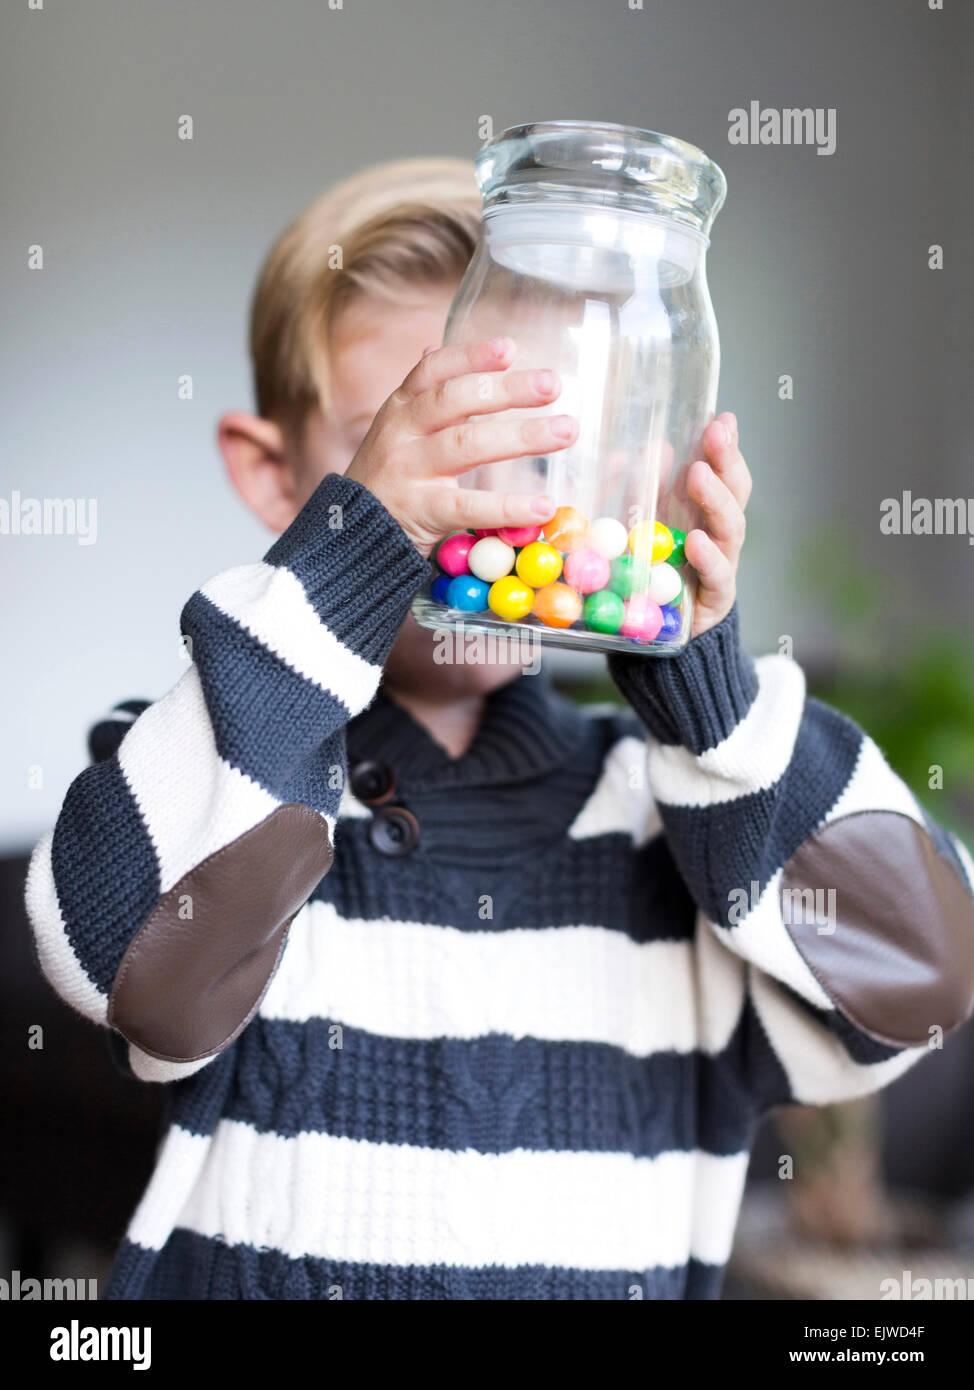 Junge (6-7) halten Glas Glas mit Süßigkeiten Stockbild